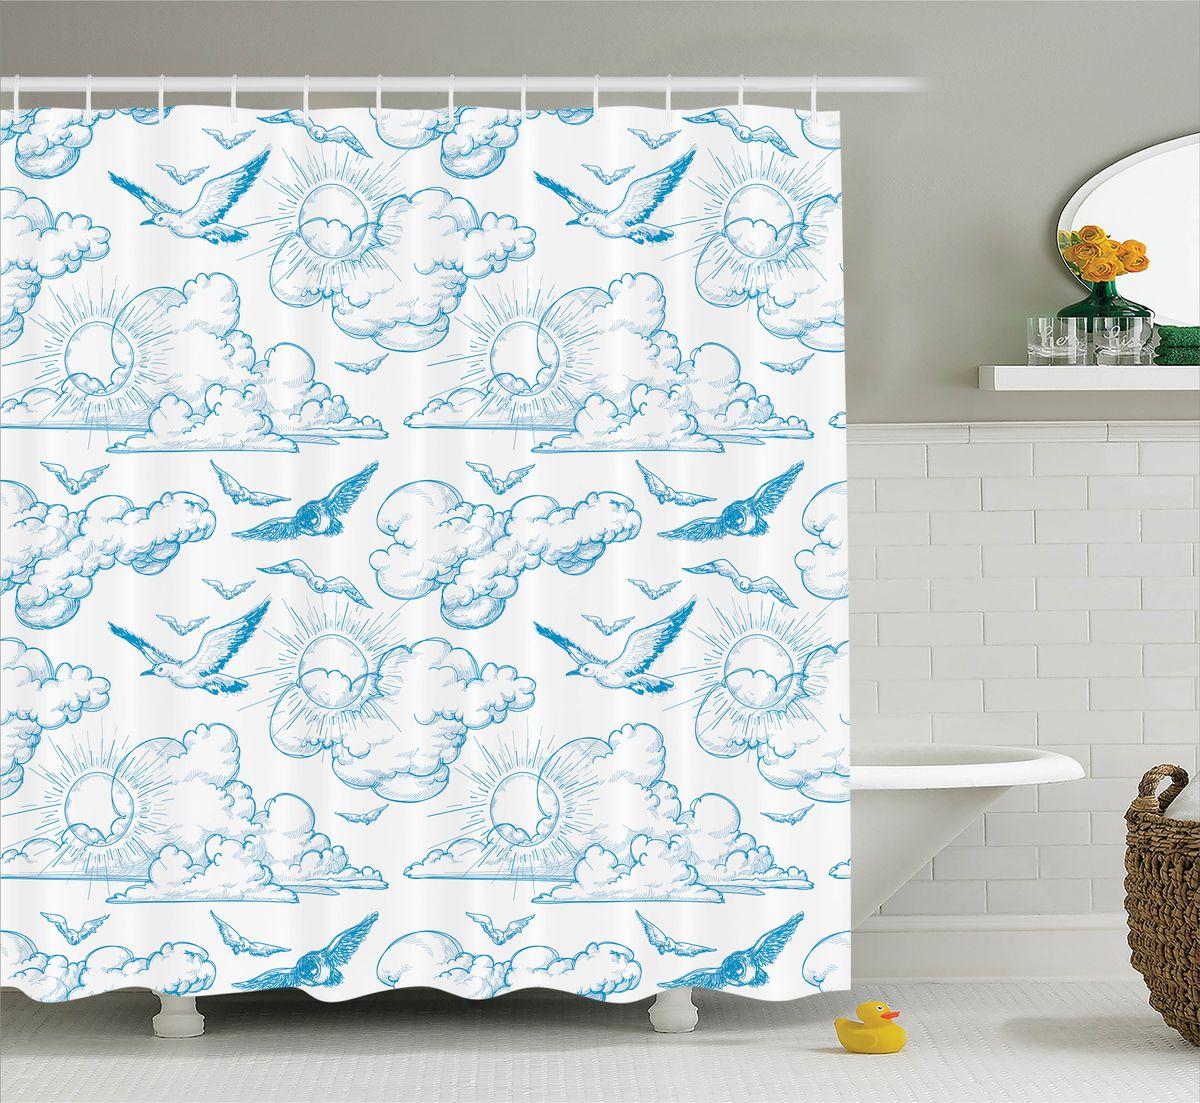 Штора для ванной комнаты Magic Lady Птицы в небе, 180 х 200 смшв_11368Штора Magic Lady Птицы в небе, изготовленная из высококачественного сатена (полиэстер 100%), отлично дополнит любой интерьер ванной комнаты. При изготовлении используются специальные гипоаллергенные чернила для прямой печати по ткани, безопасные для человека.В комплекте: 1 штора, 12 крючков. Обращаем ваше внимание, фактический цвет изделия может незначительно отличаться от представленного на фото.